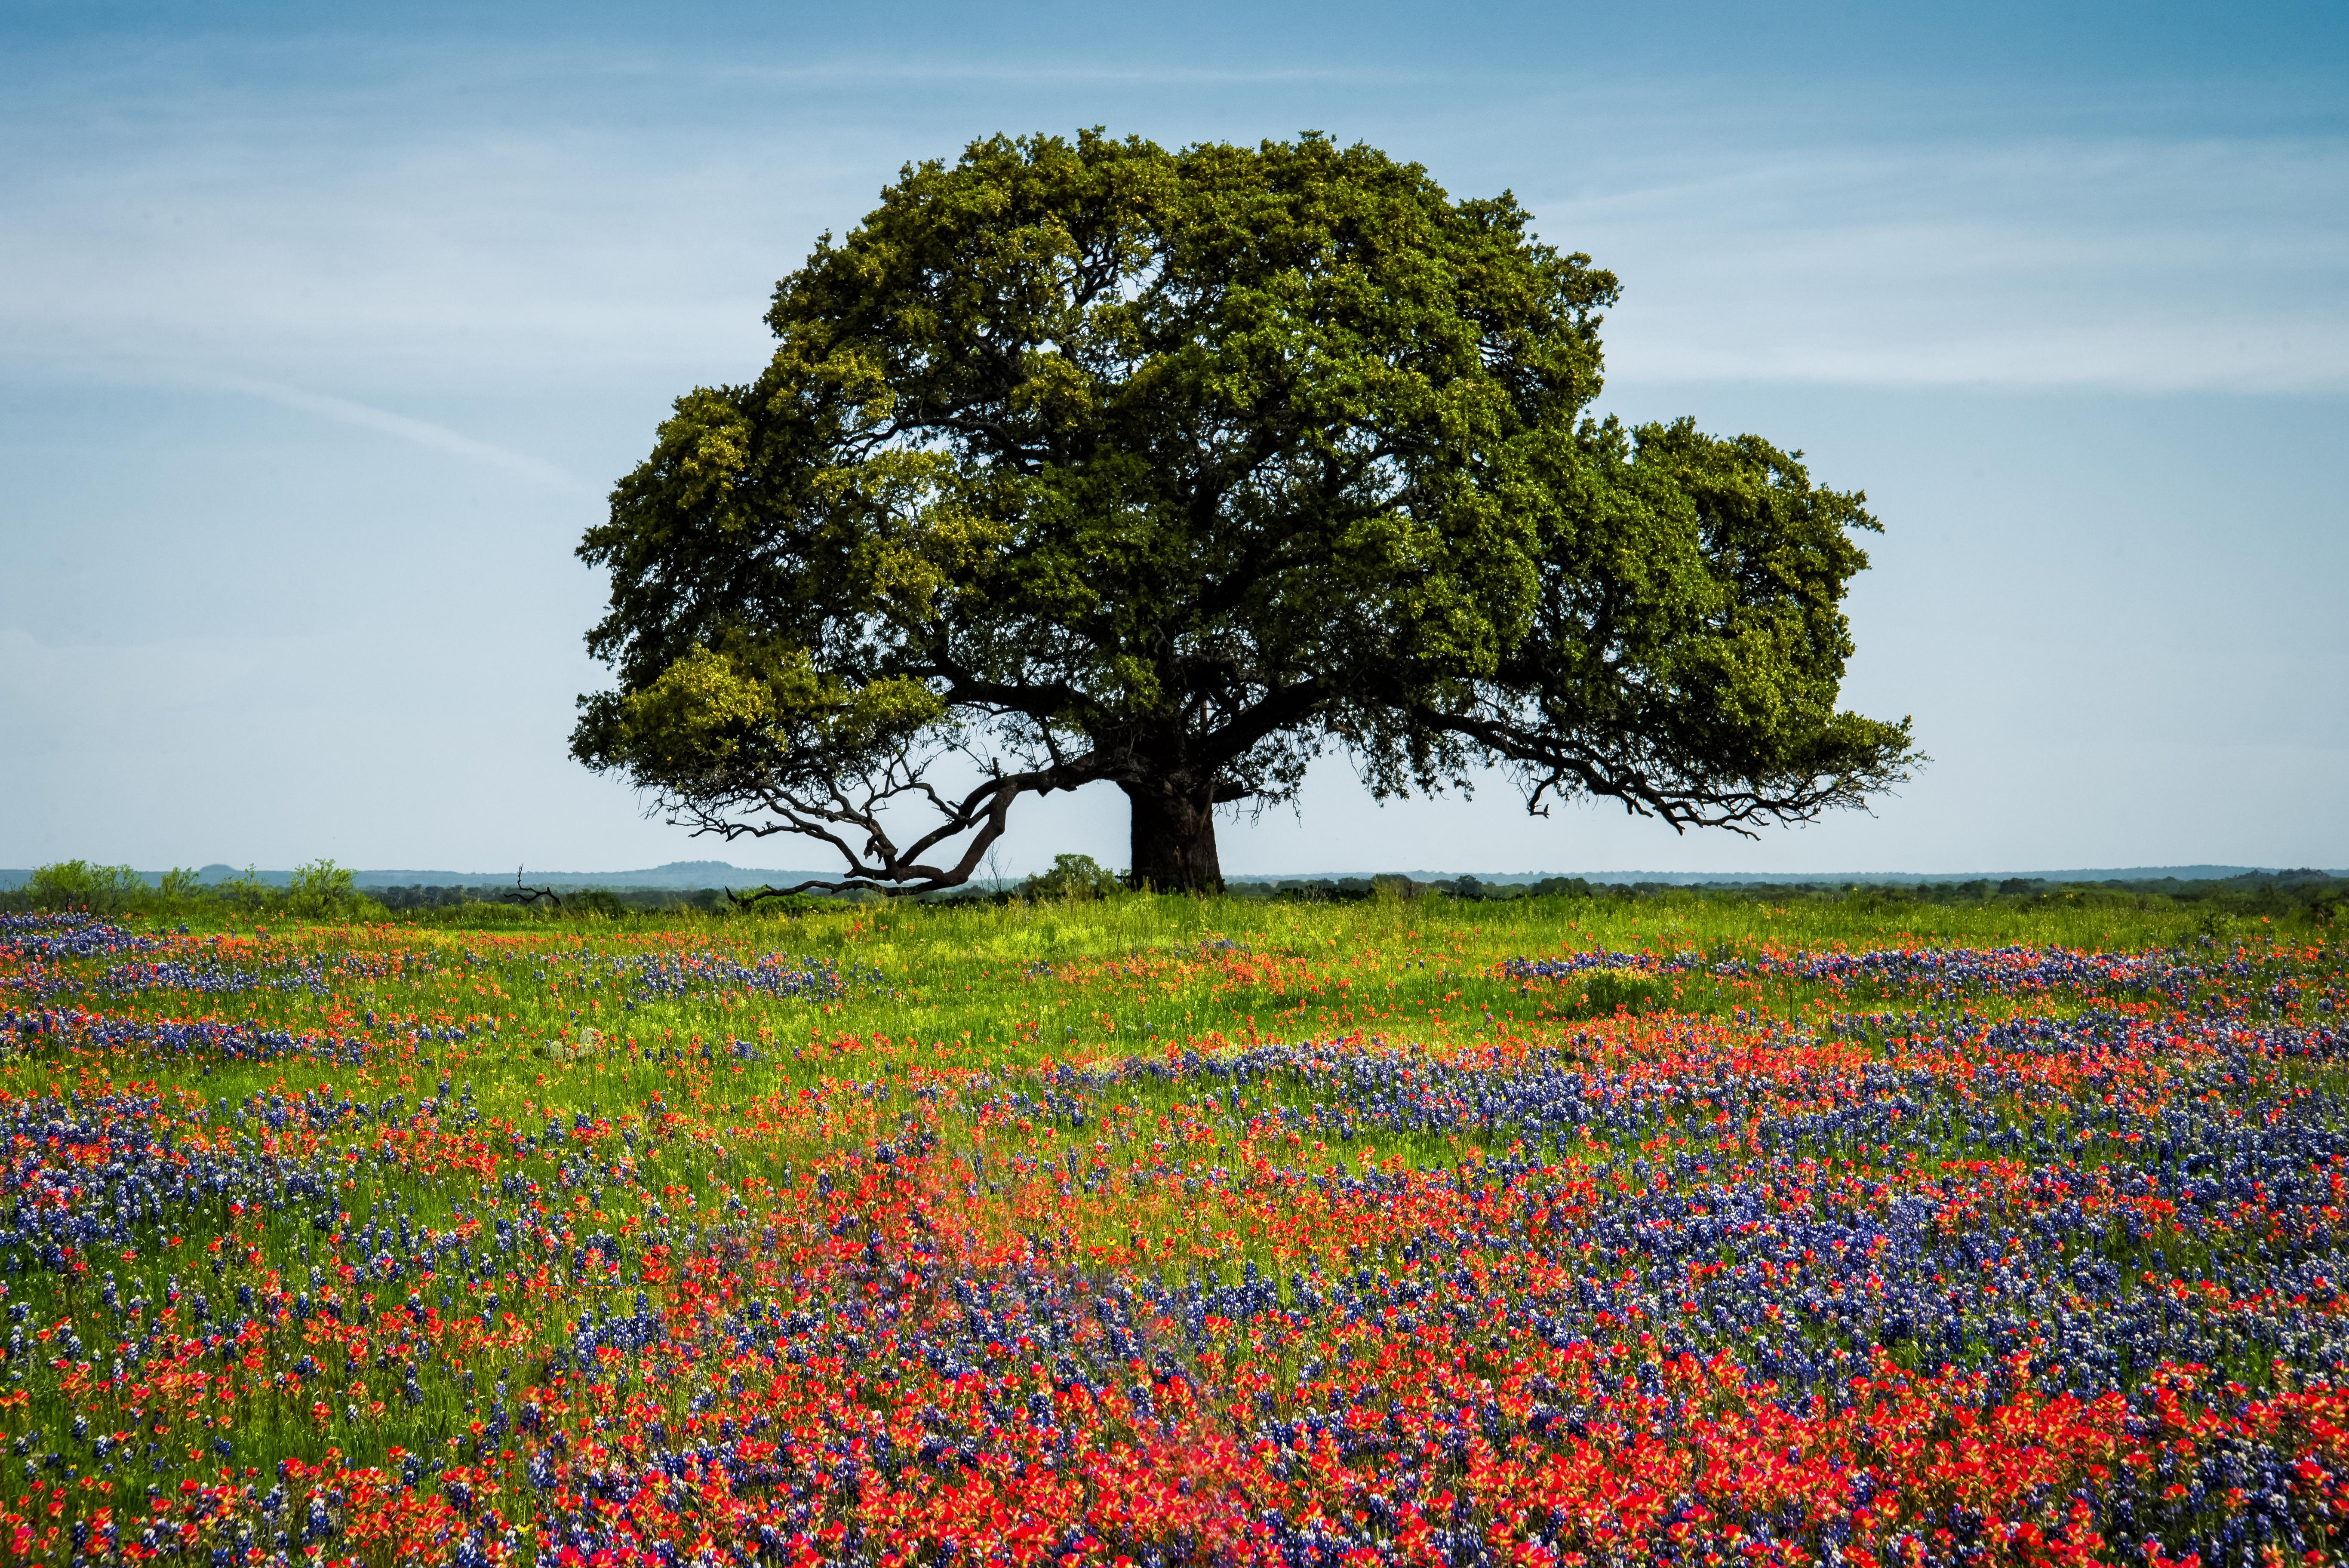 Llano's Tree